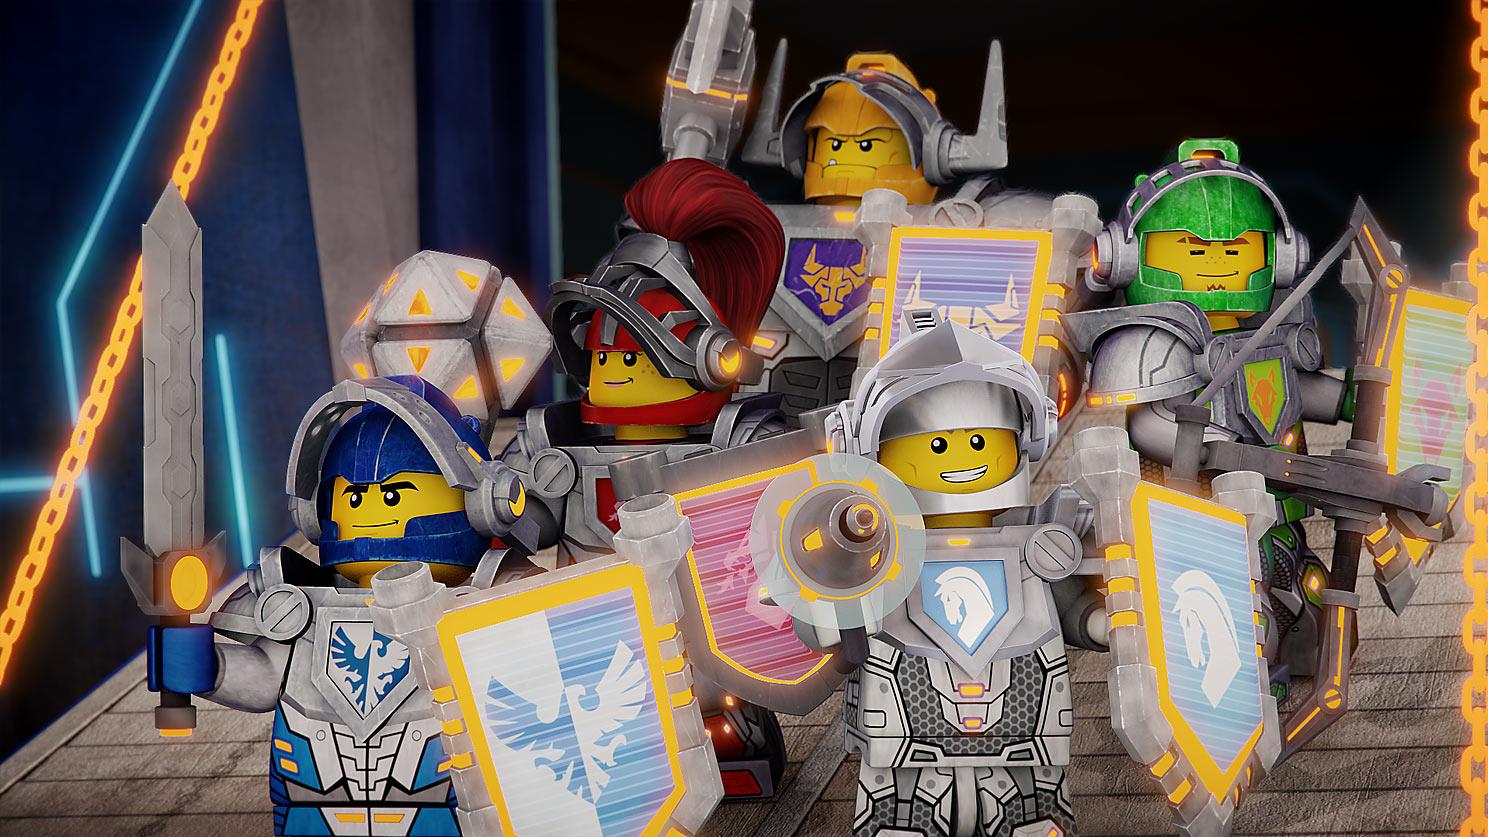 videogame Lego